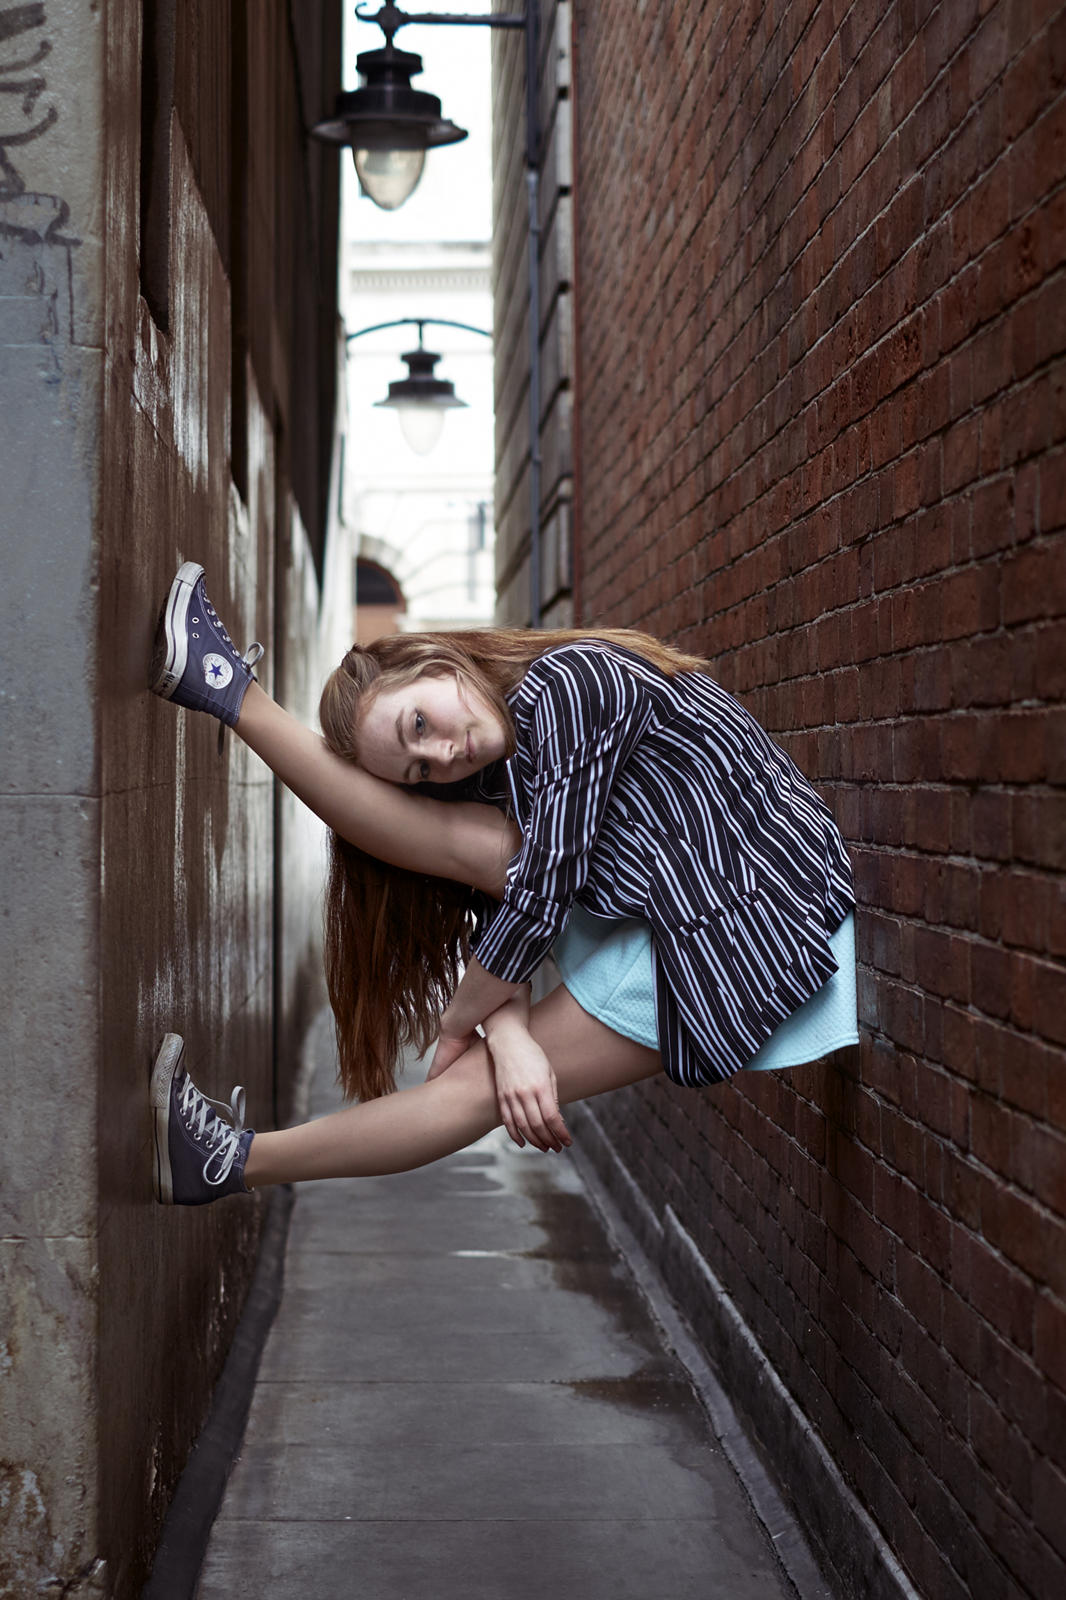 Foto van een ballerina in een steeg die klem zit tussen twee muren